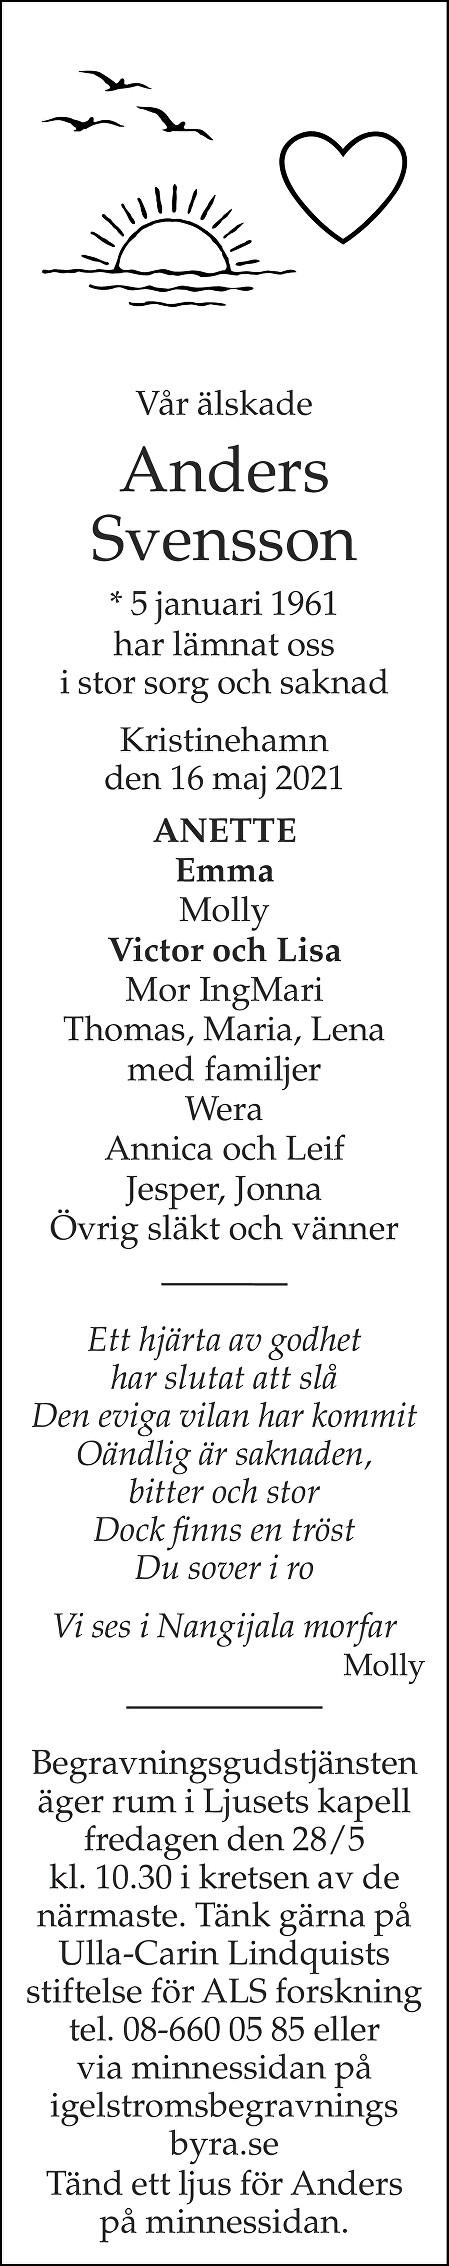 Anders Svensson Death notice